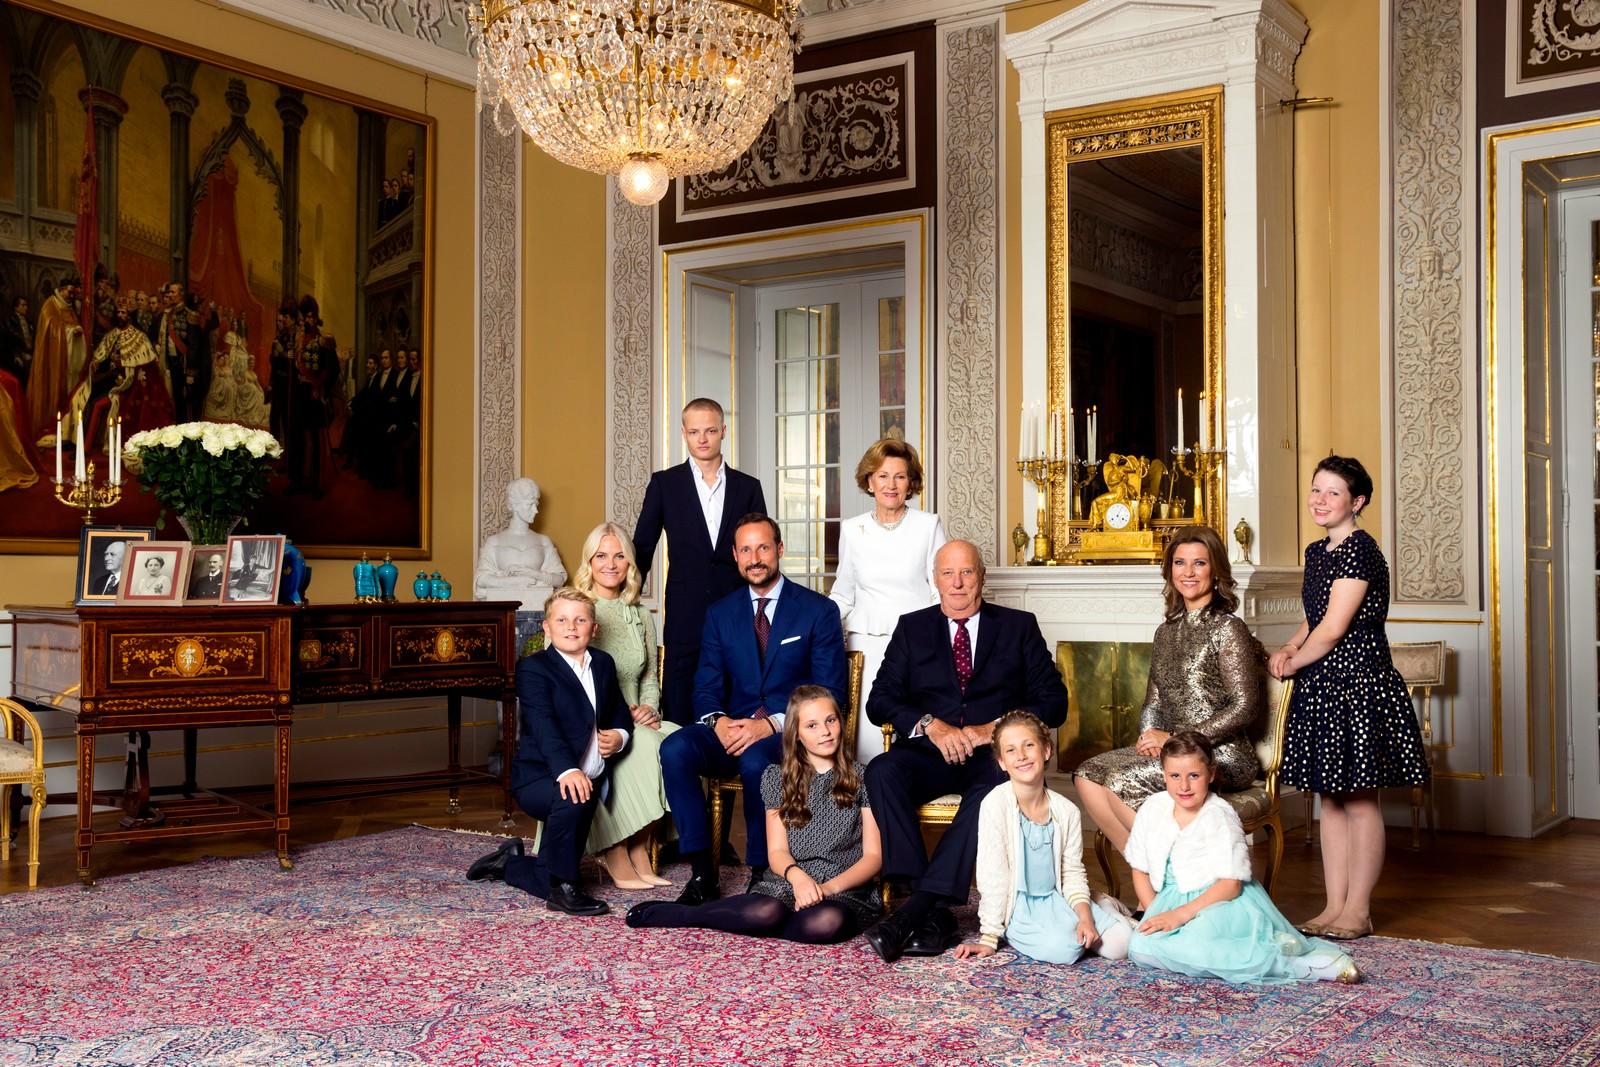 Kongefamilien fotografert i den hvite salong på Slottet i Oslo i forbindelse med kongens 80-årsdag.